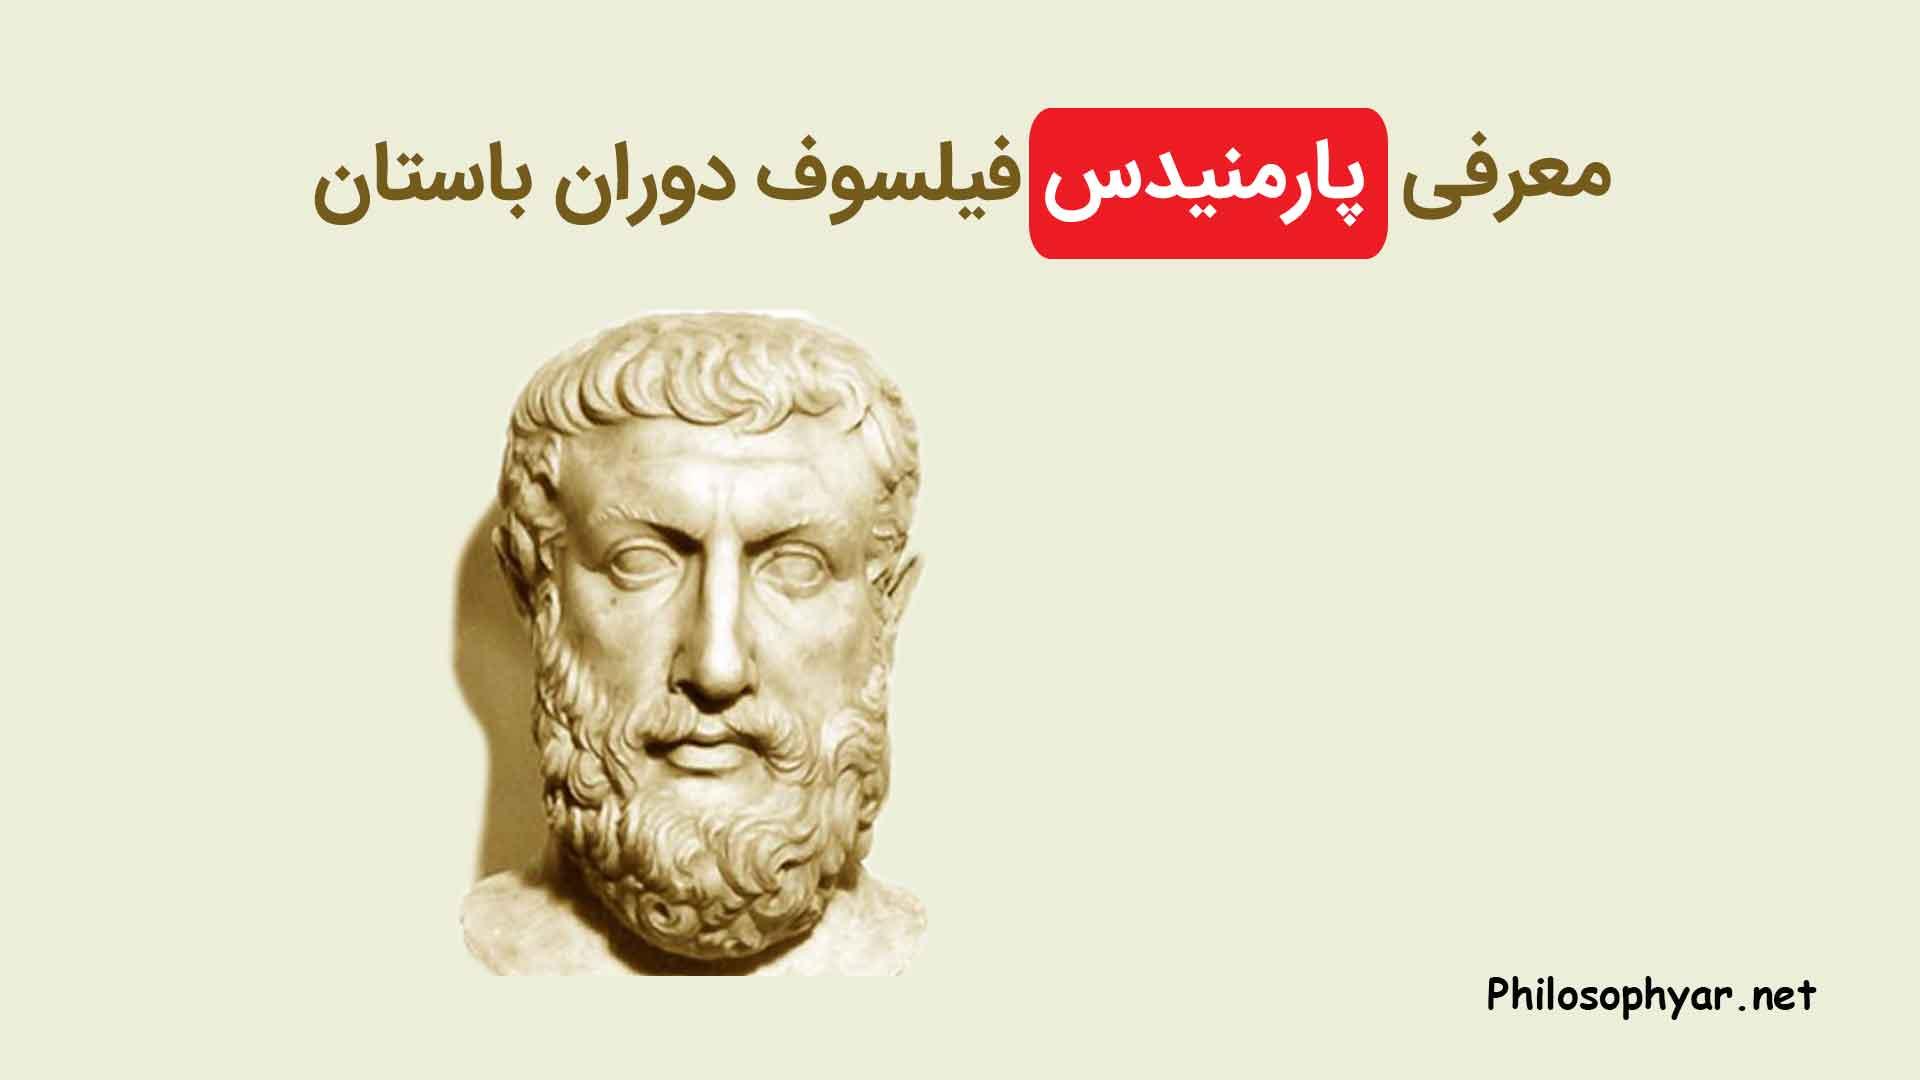 پارمنیدس